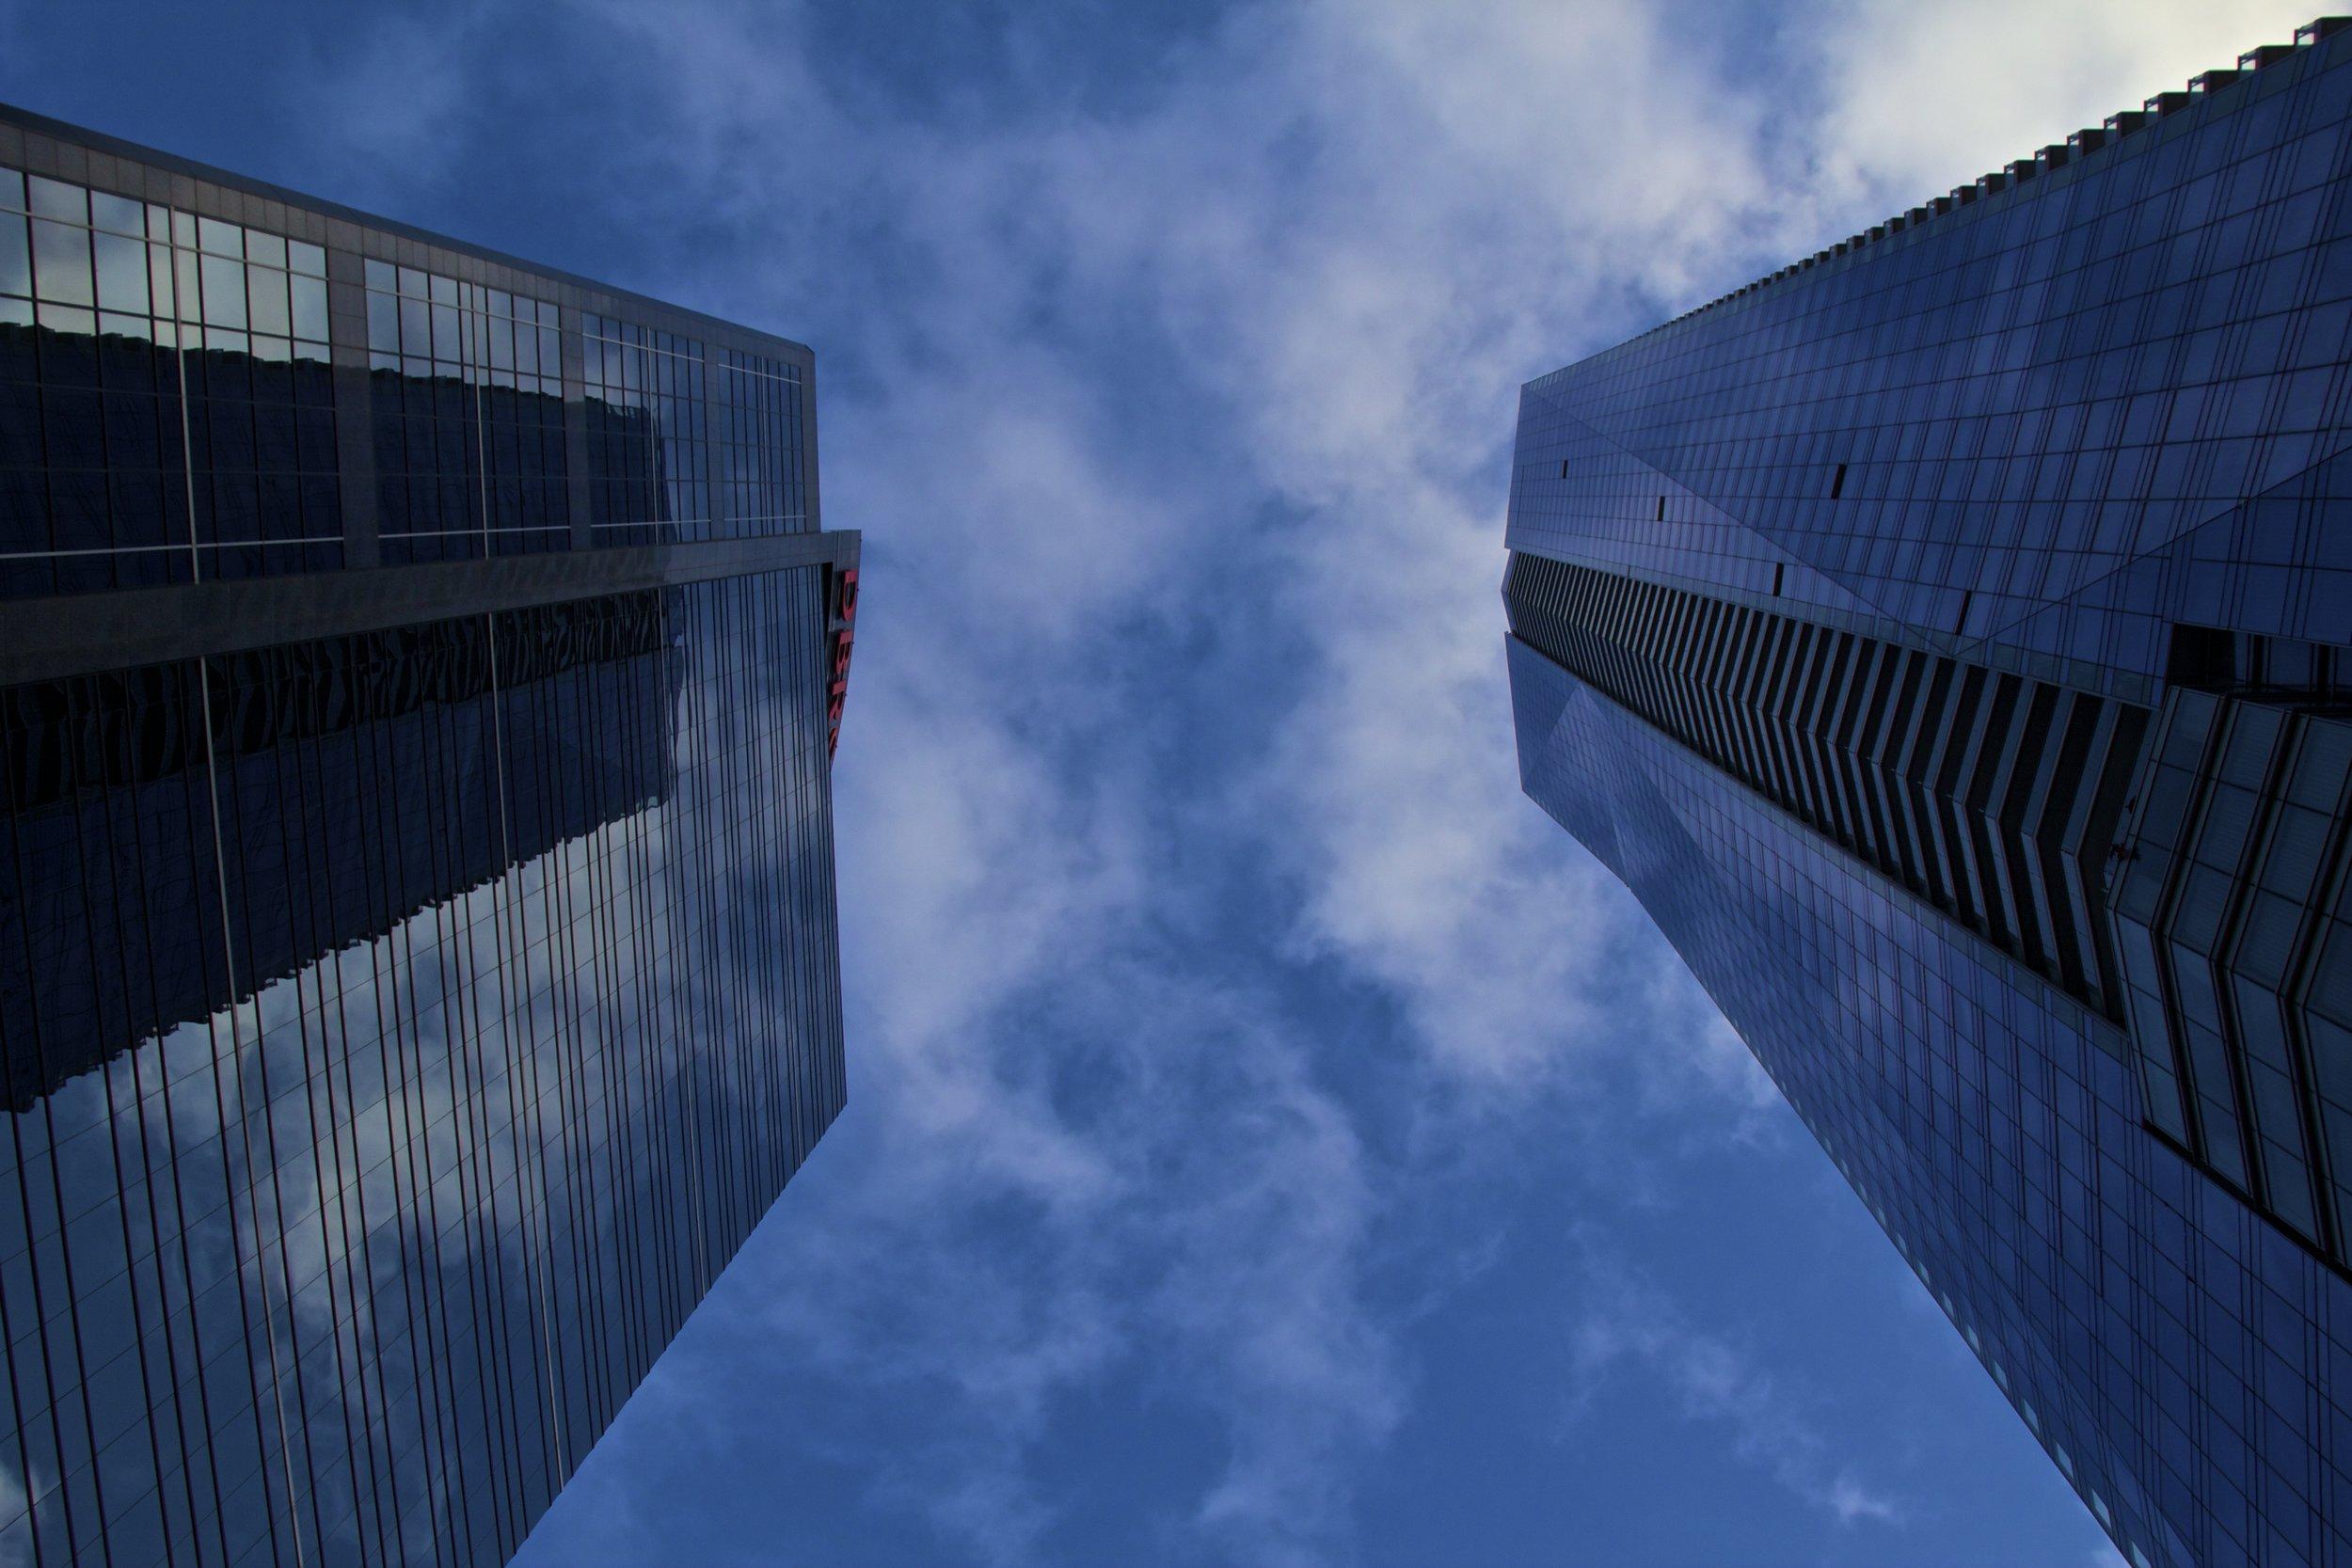 toronto downtown financial district 6.jpg